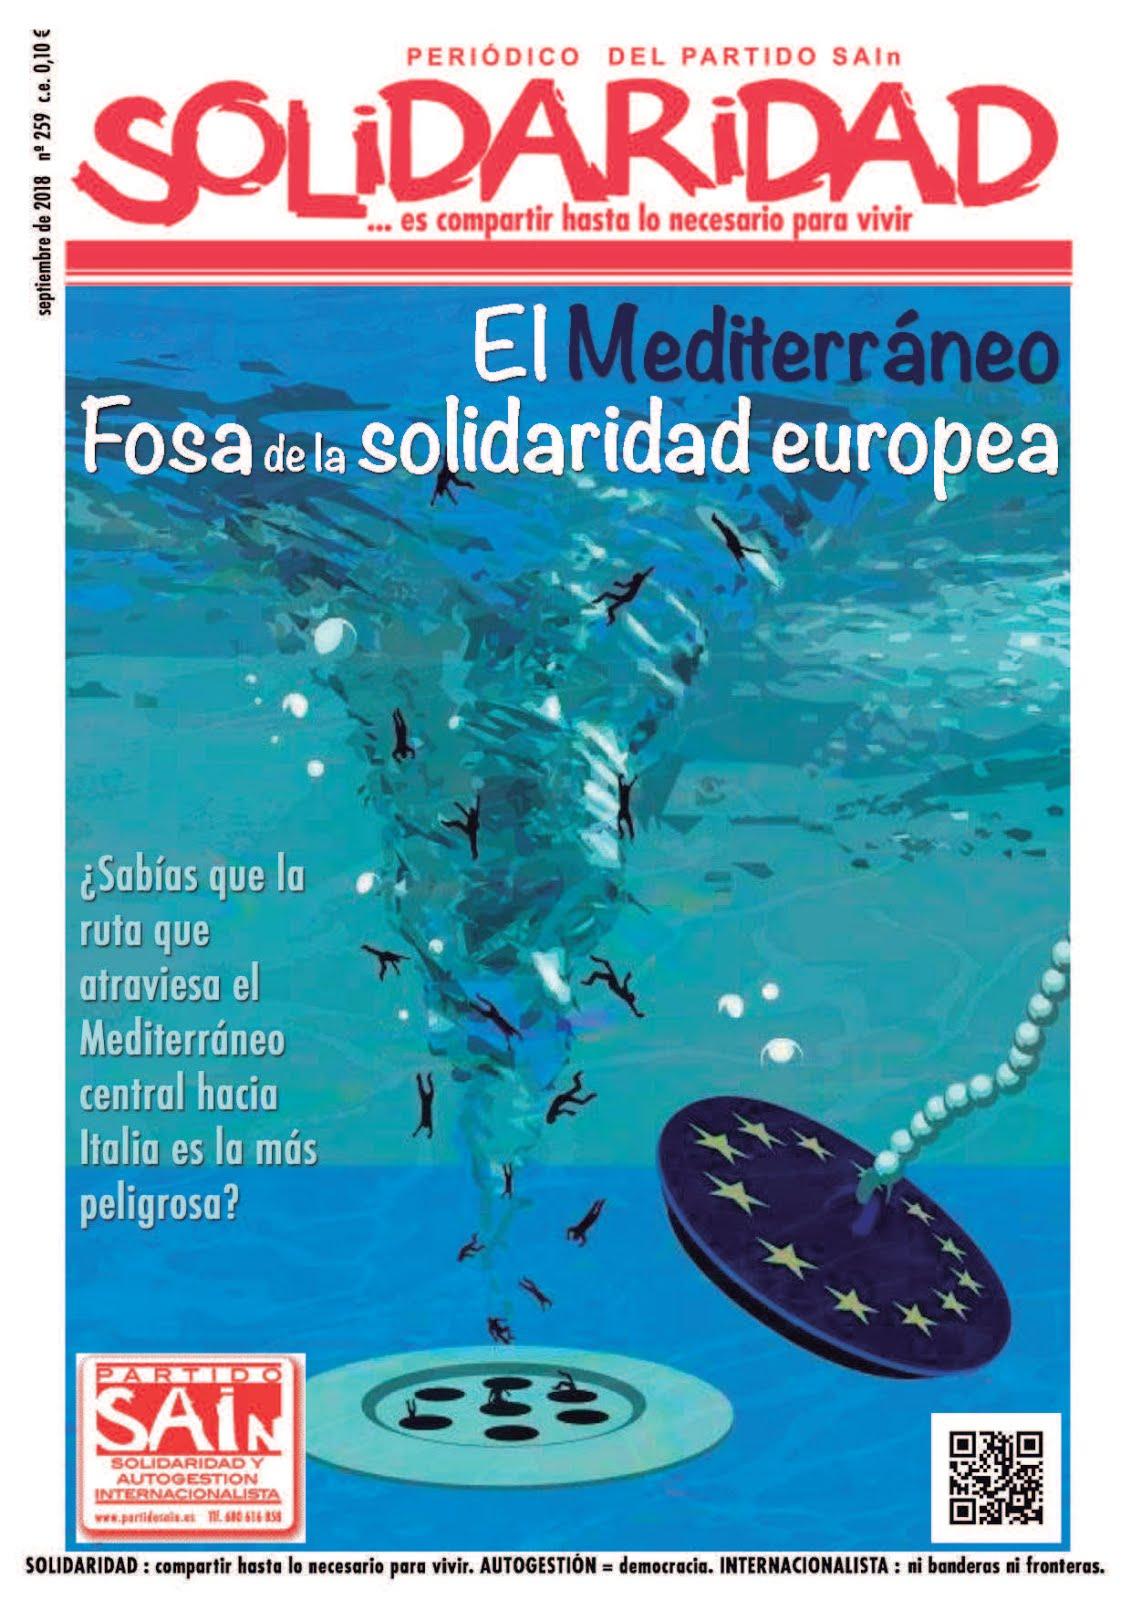 Periódico Solidaridad